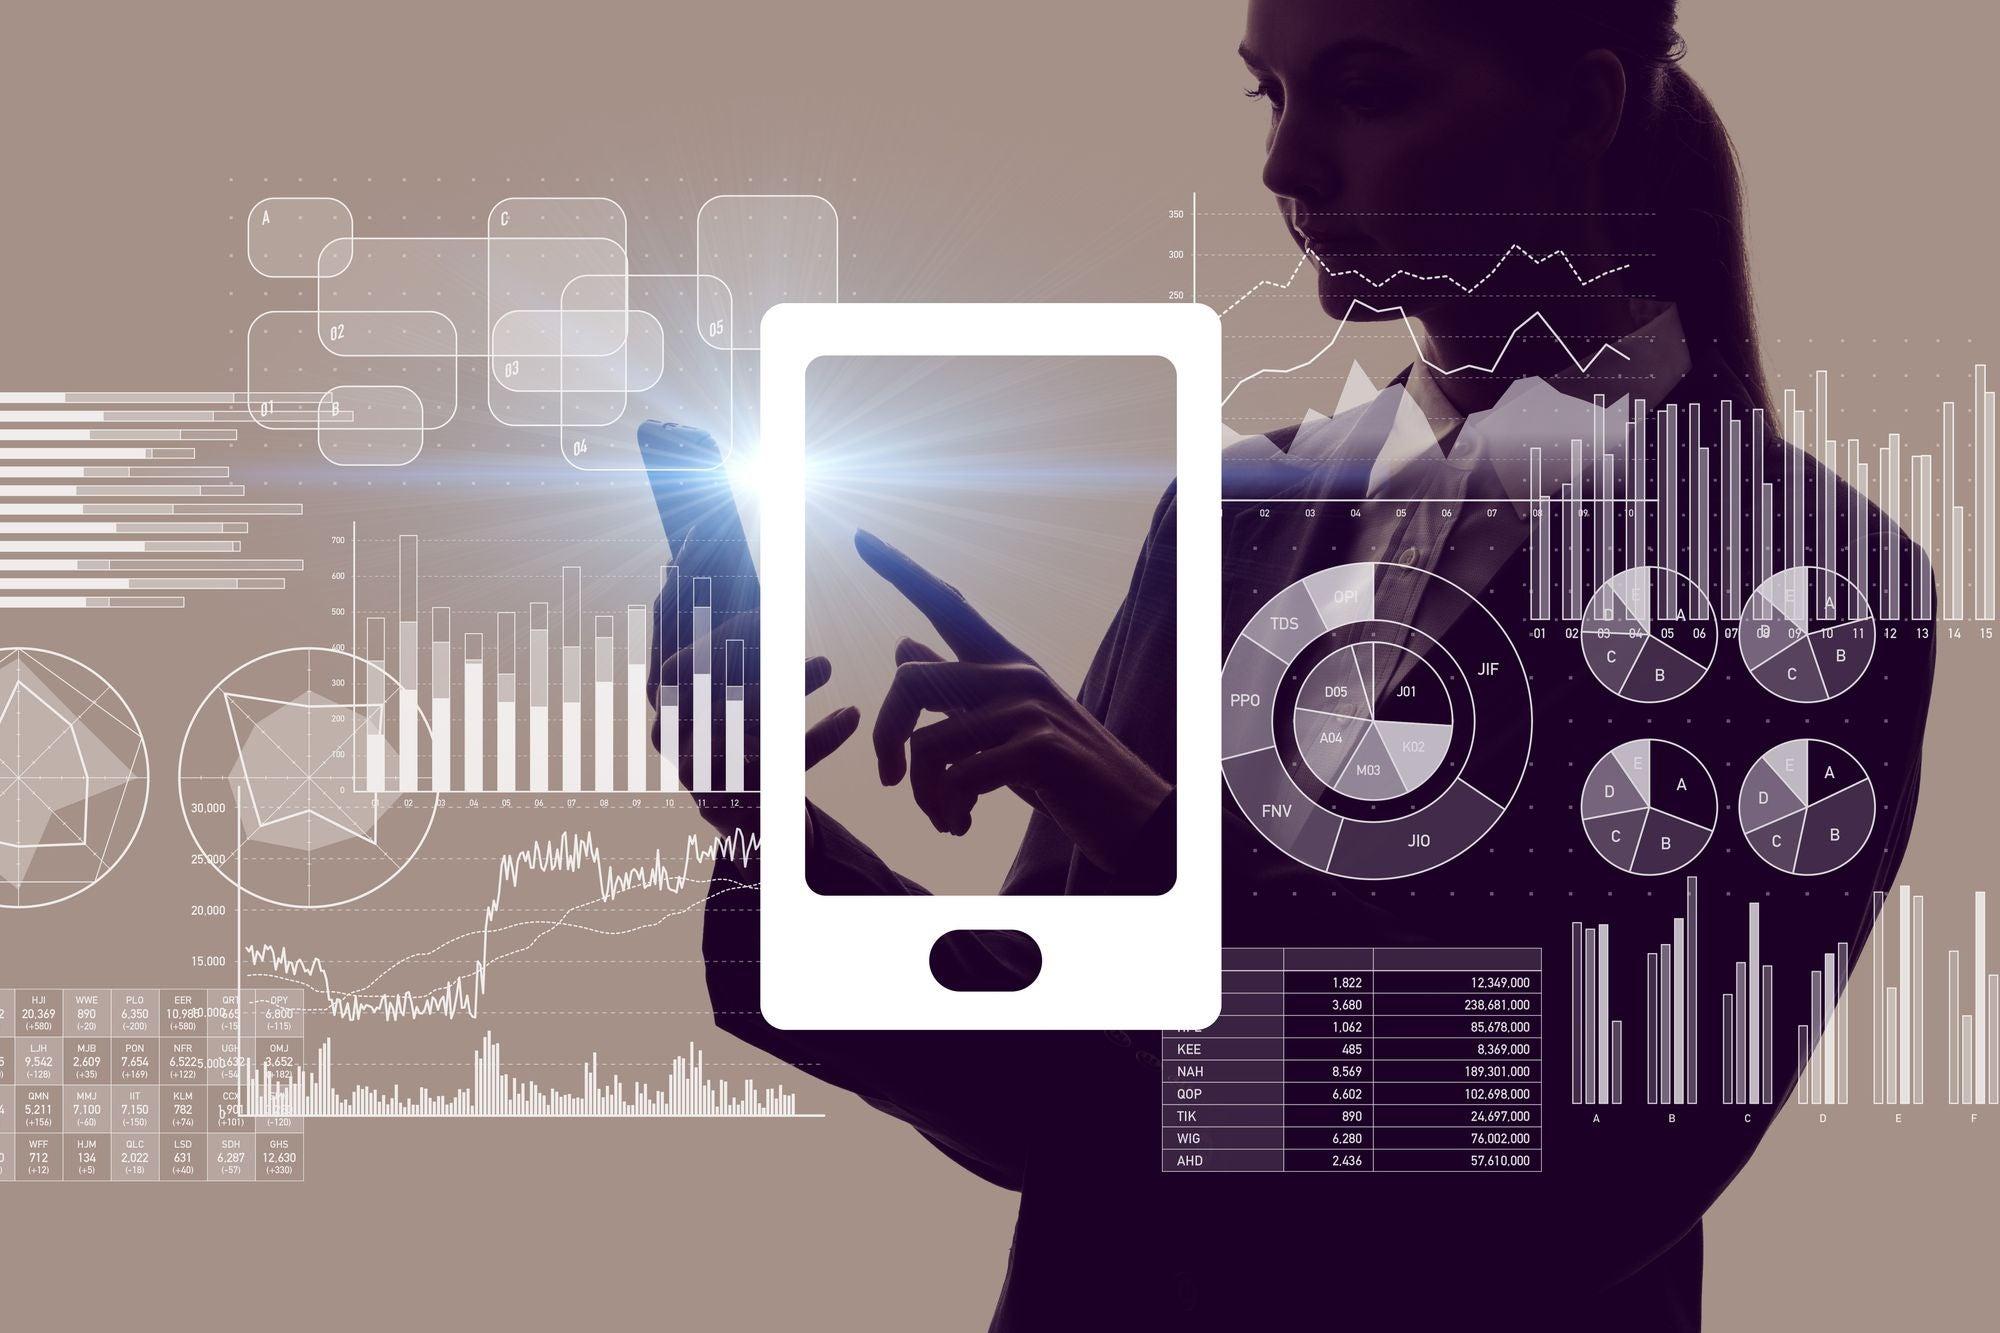 entrepreneur.com - William Harris - Ecommerce Analytics: 4 Metrics That Are Often Overlooked